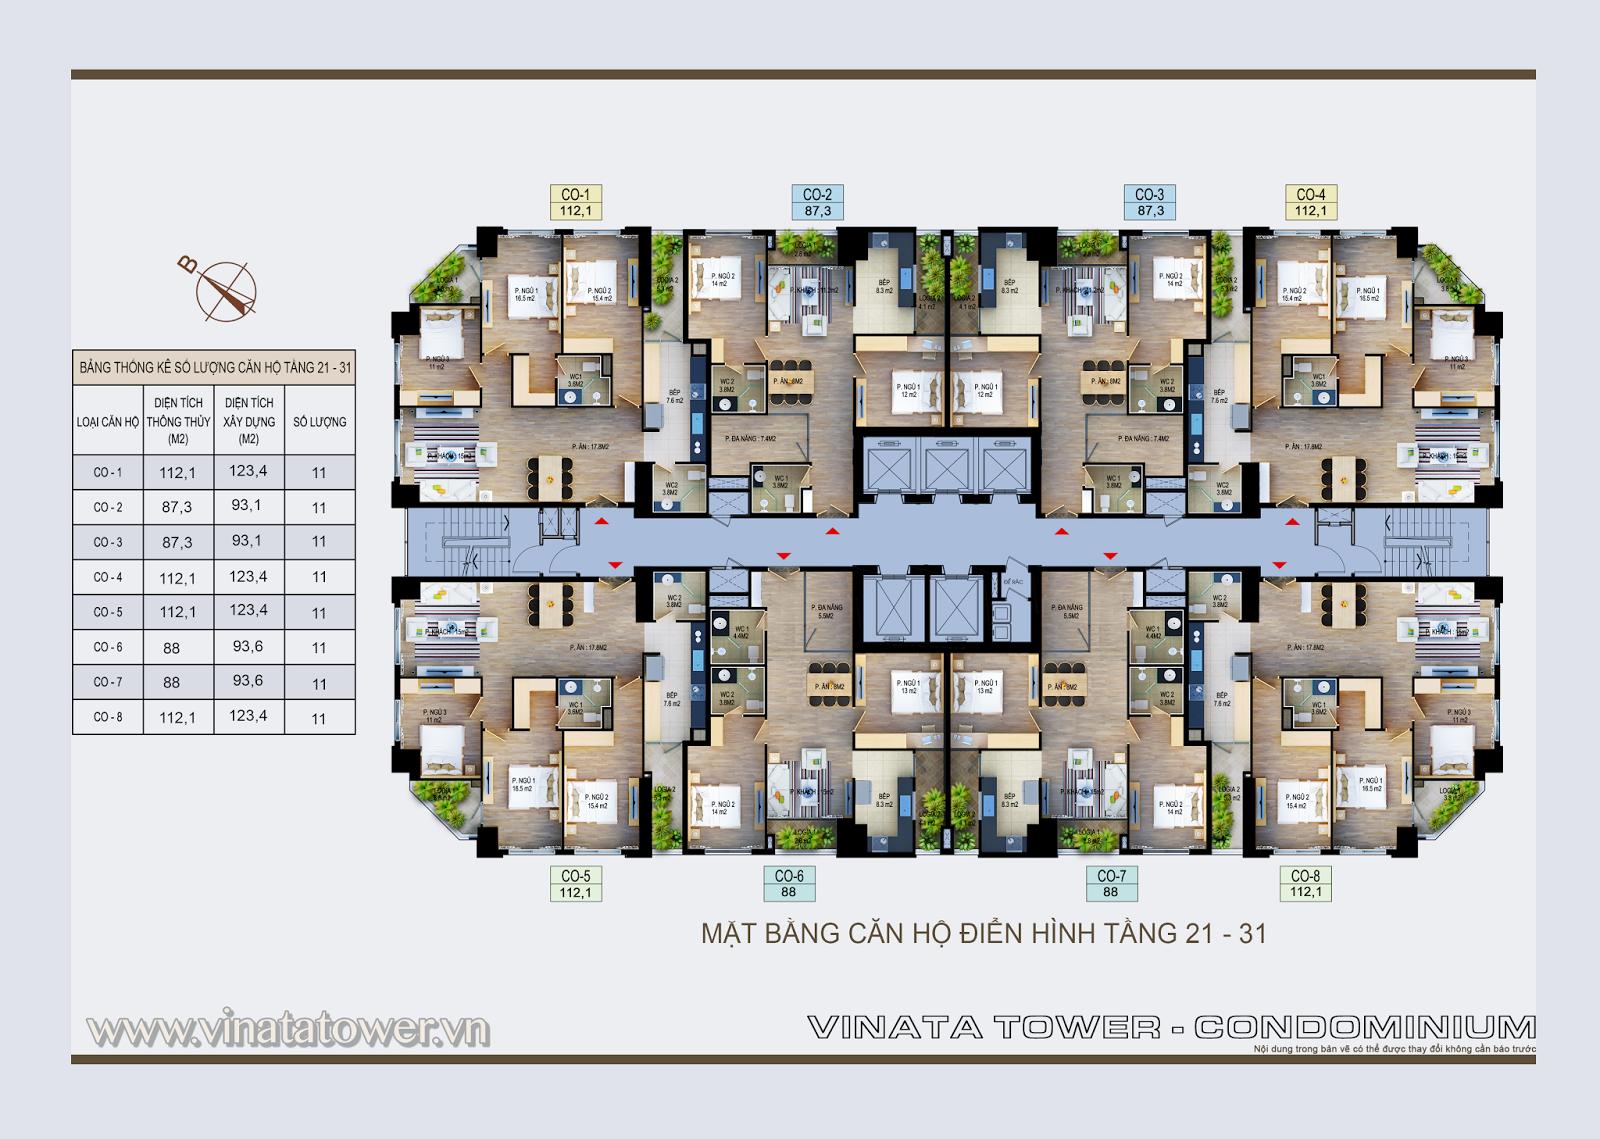 Mặt bằng điển hình tầng 21 - 31 Vinata Tower